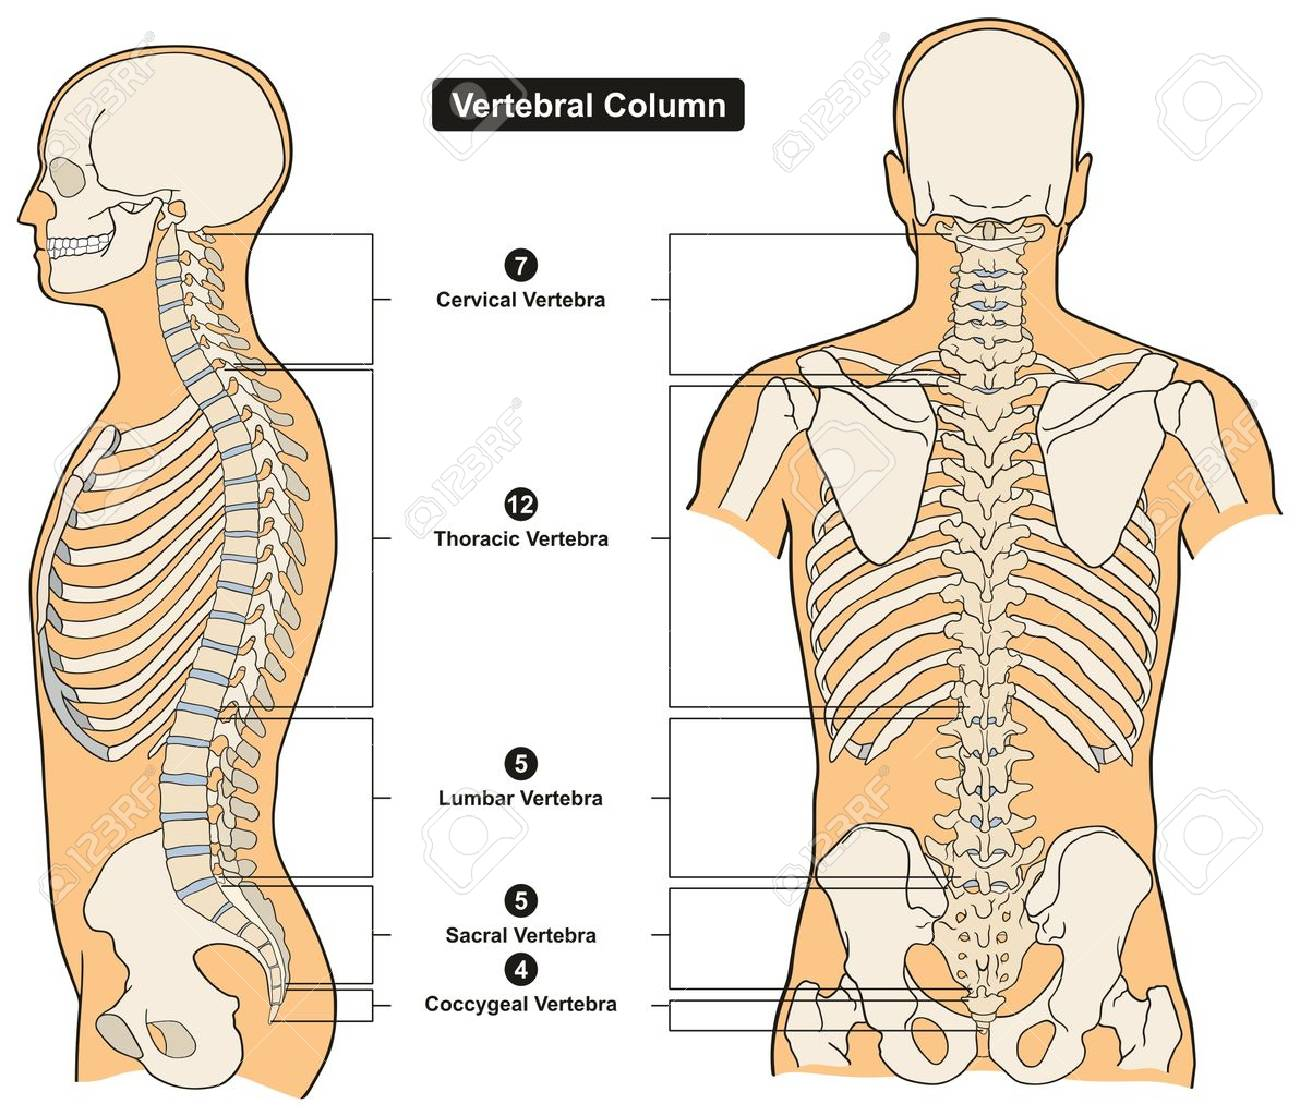 Wirbelsäule Des Menschlichen Körpers Anatomie Infografik Diagramm ...